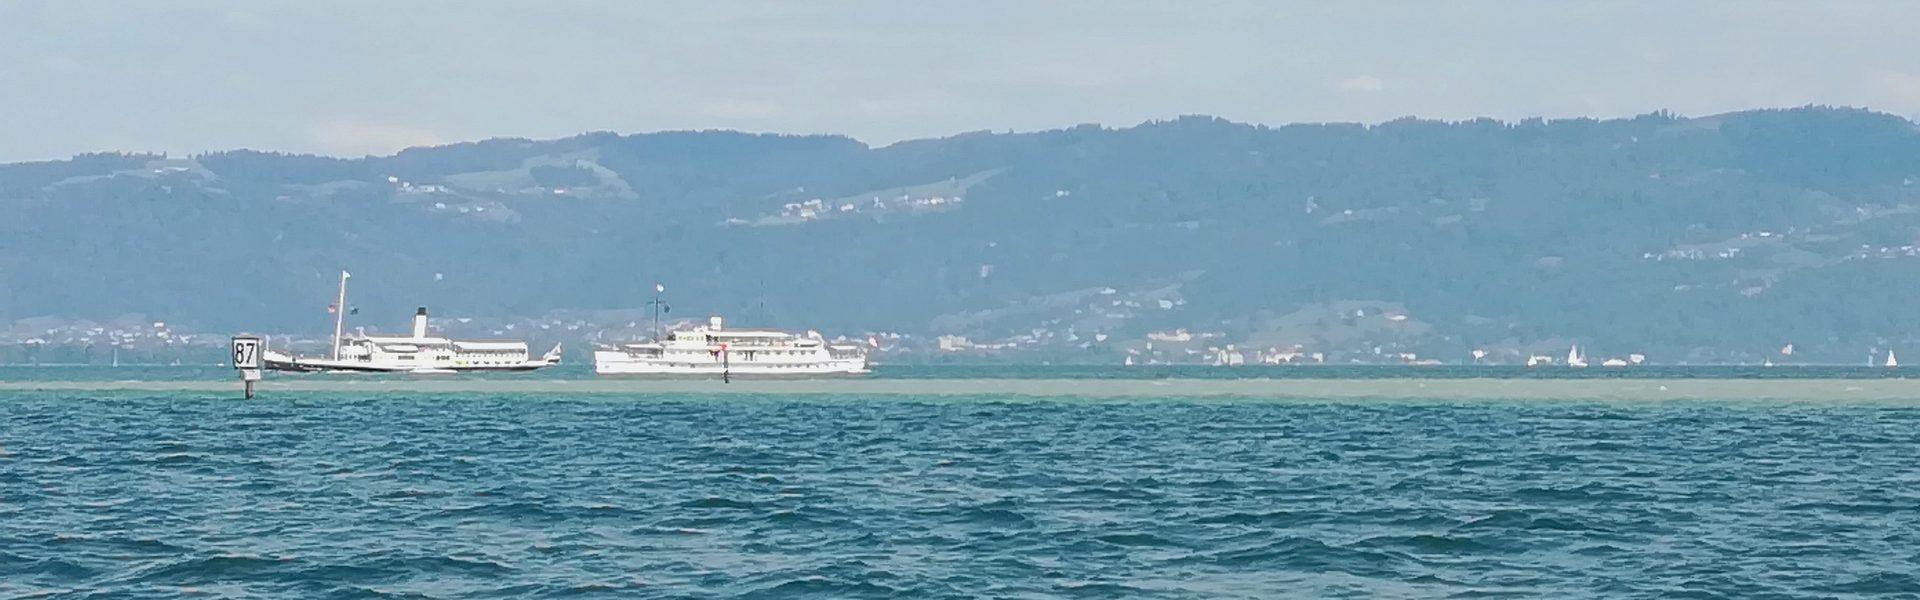 Historische Schifffahrt Bodensee, beide Schiffe auf dem Wasser (c) cs I Vorarlberg Tourismus